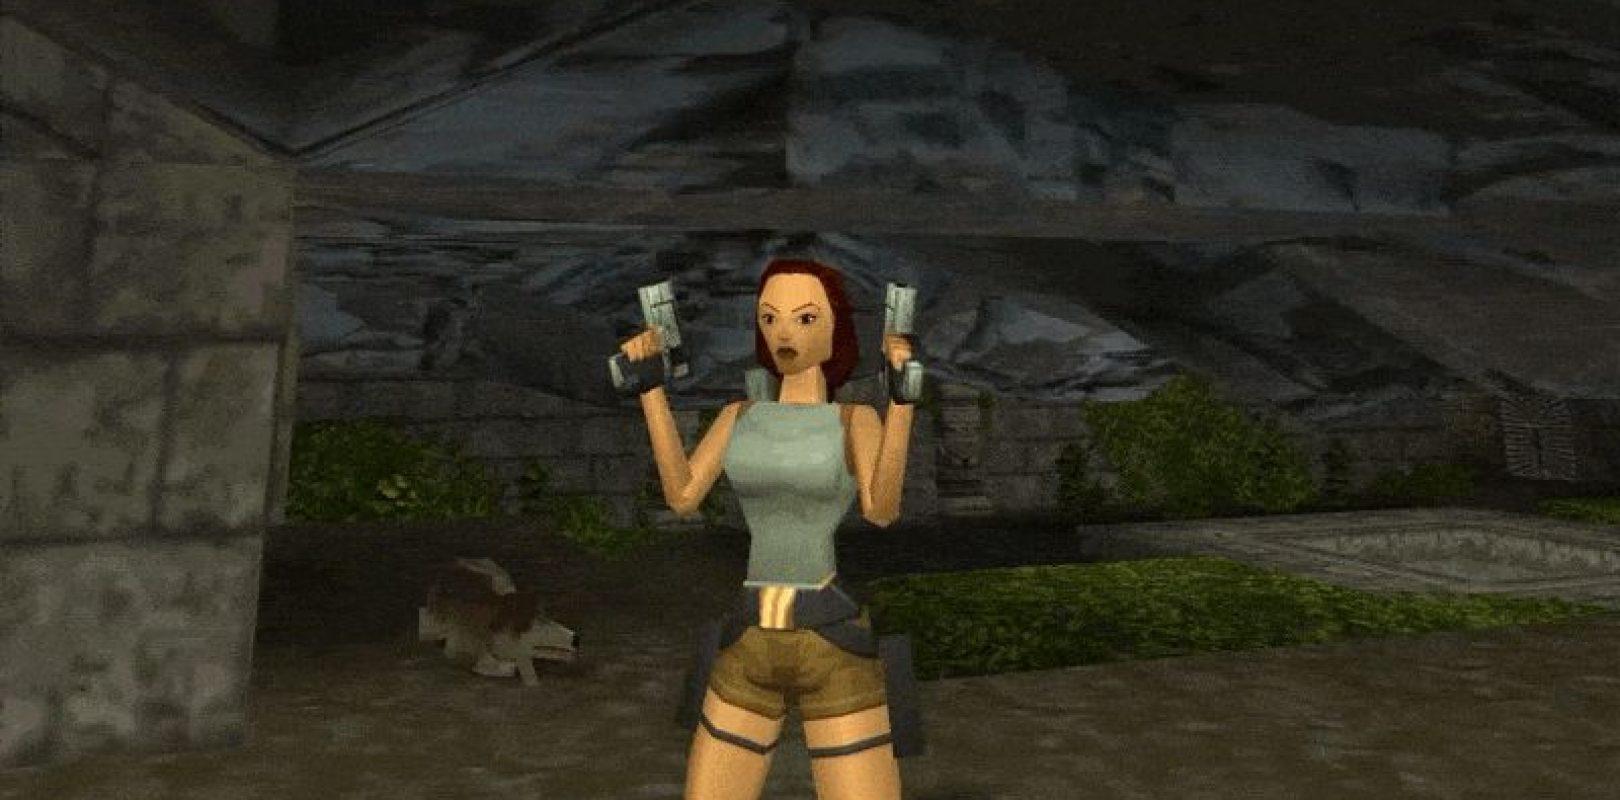 The original Tomb Raider.